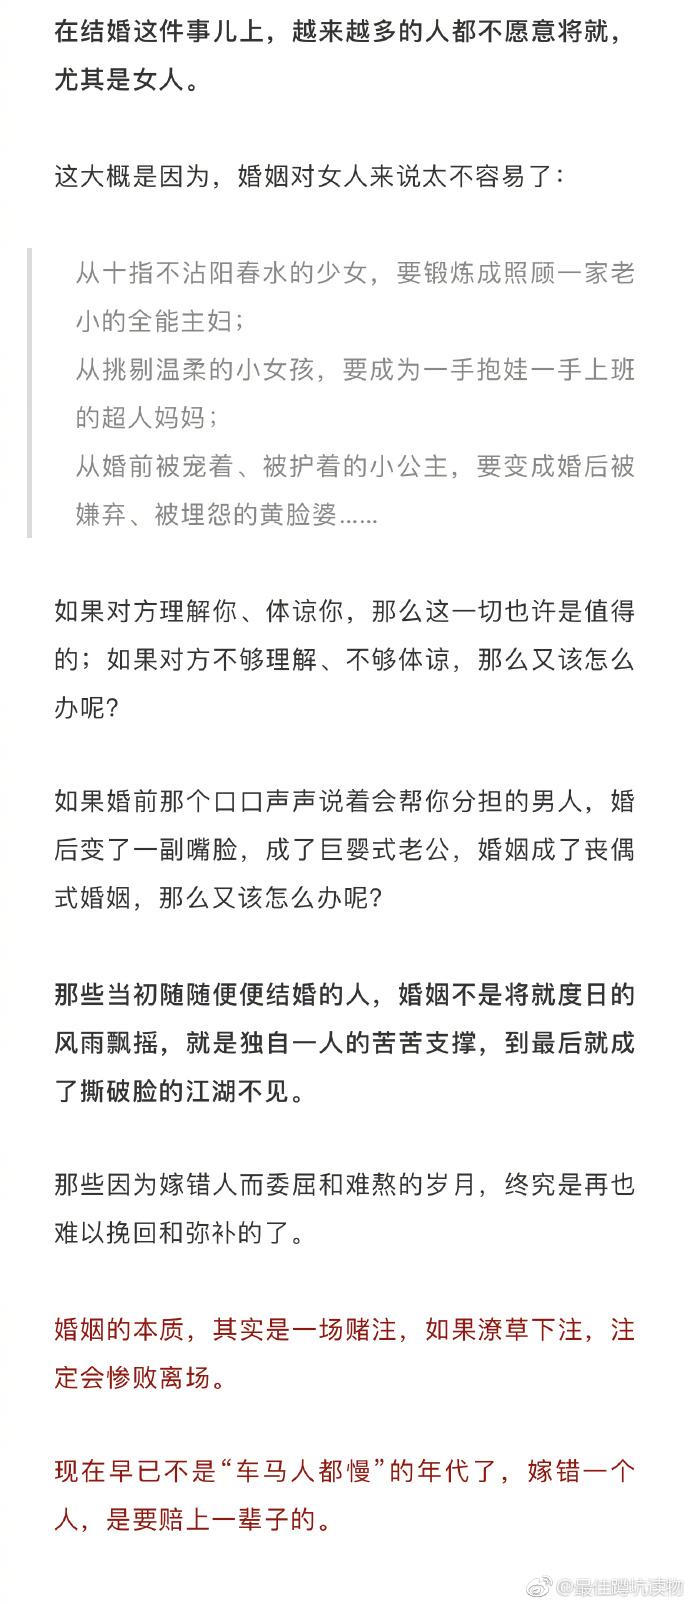 2018 青年福利微刊第 229 期:七夕不准备,光棍节掉泪!